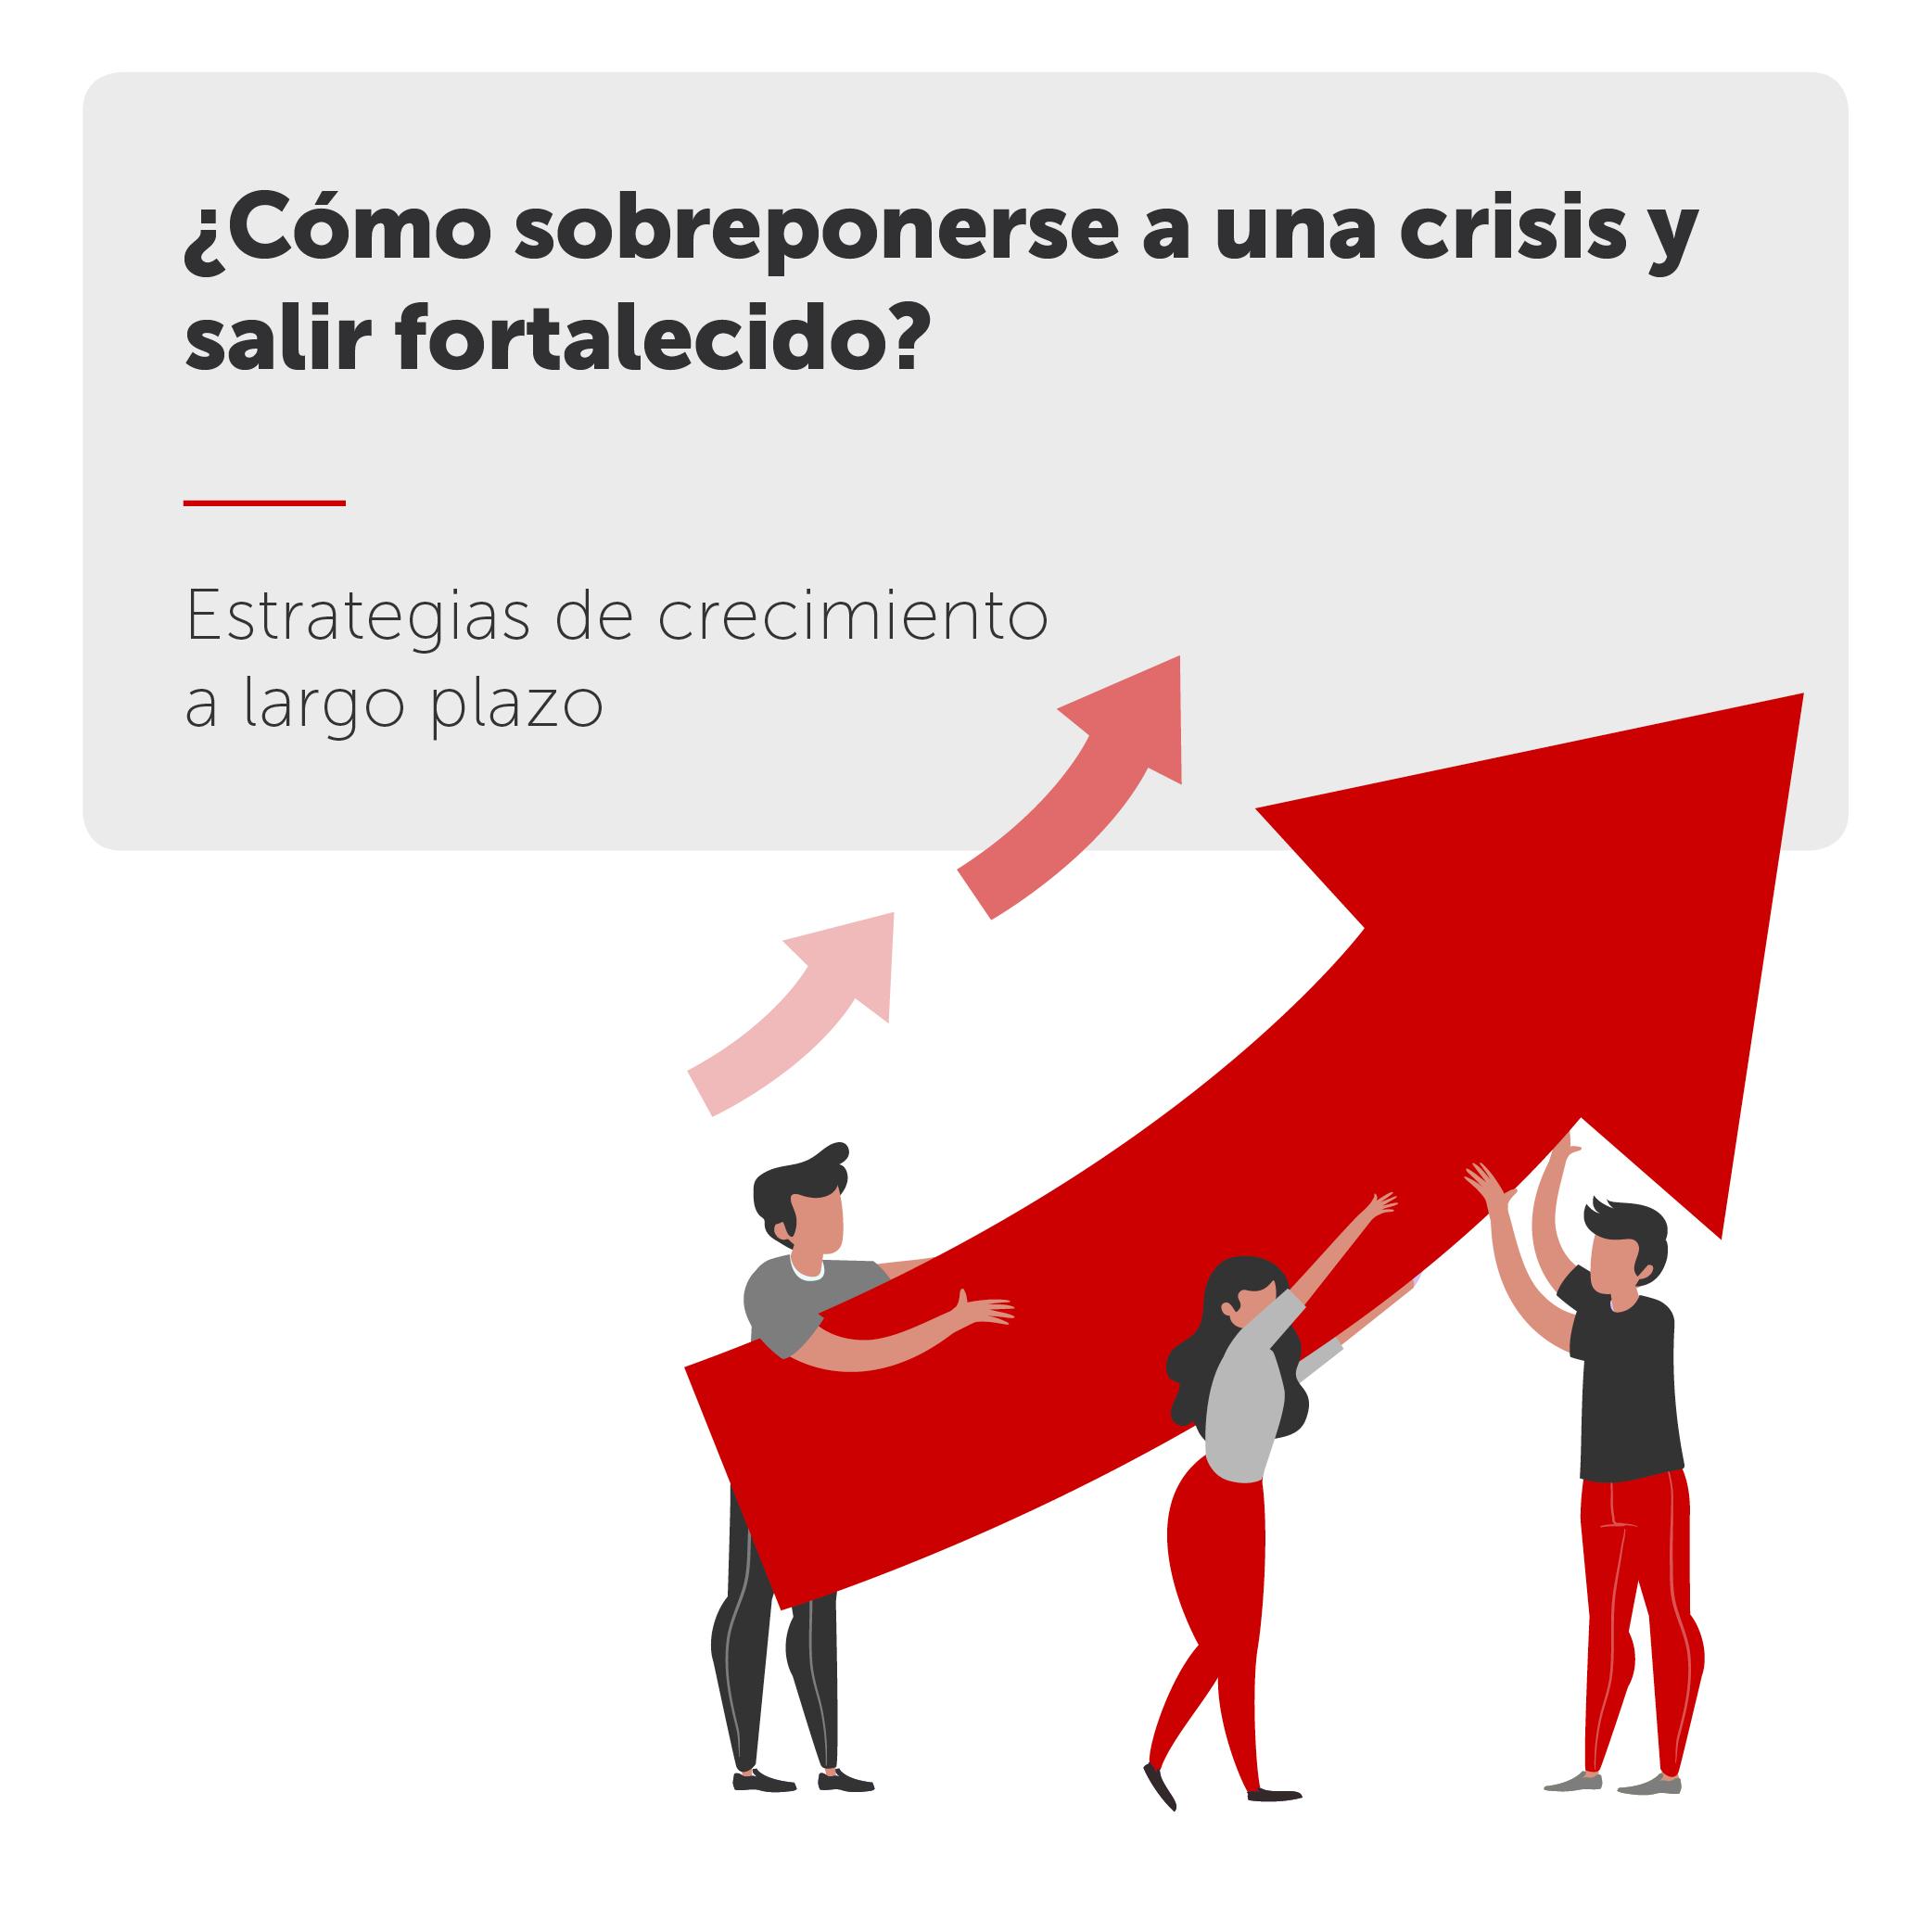 ¿Cómo sobreponerse a una crisis y salir fortalecido?